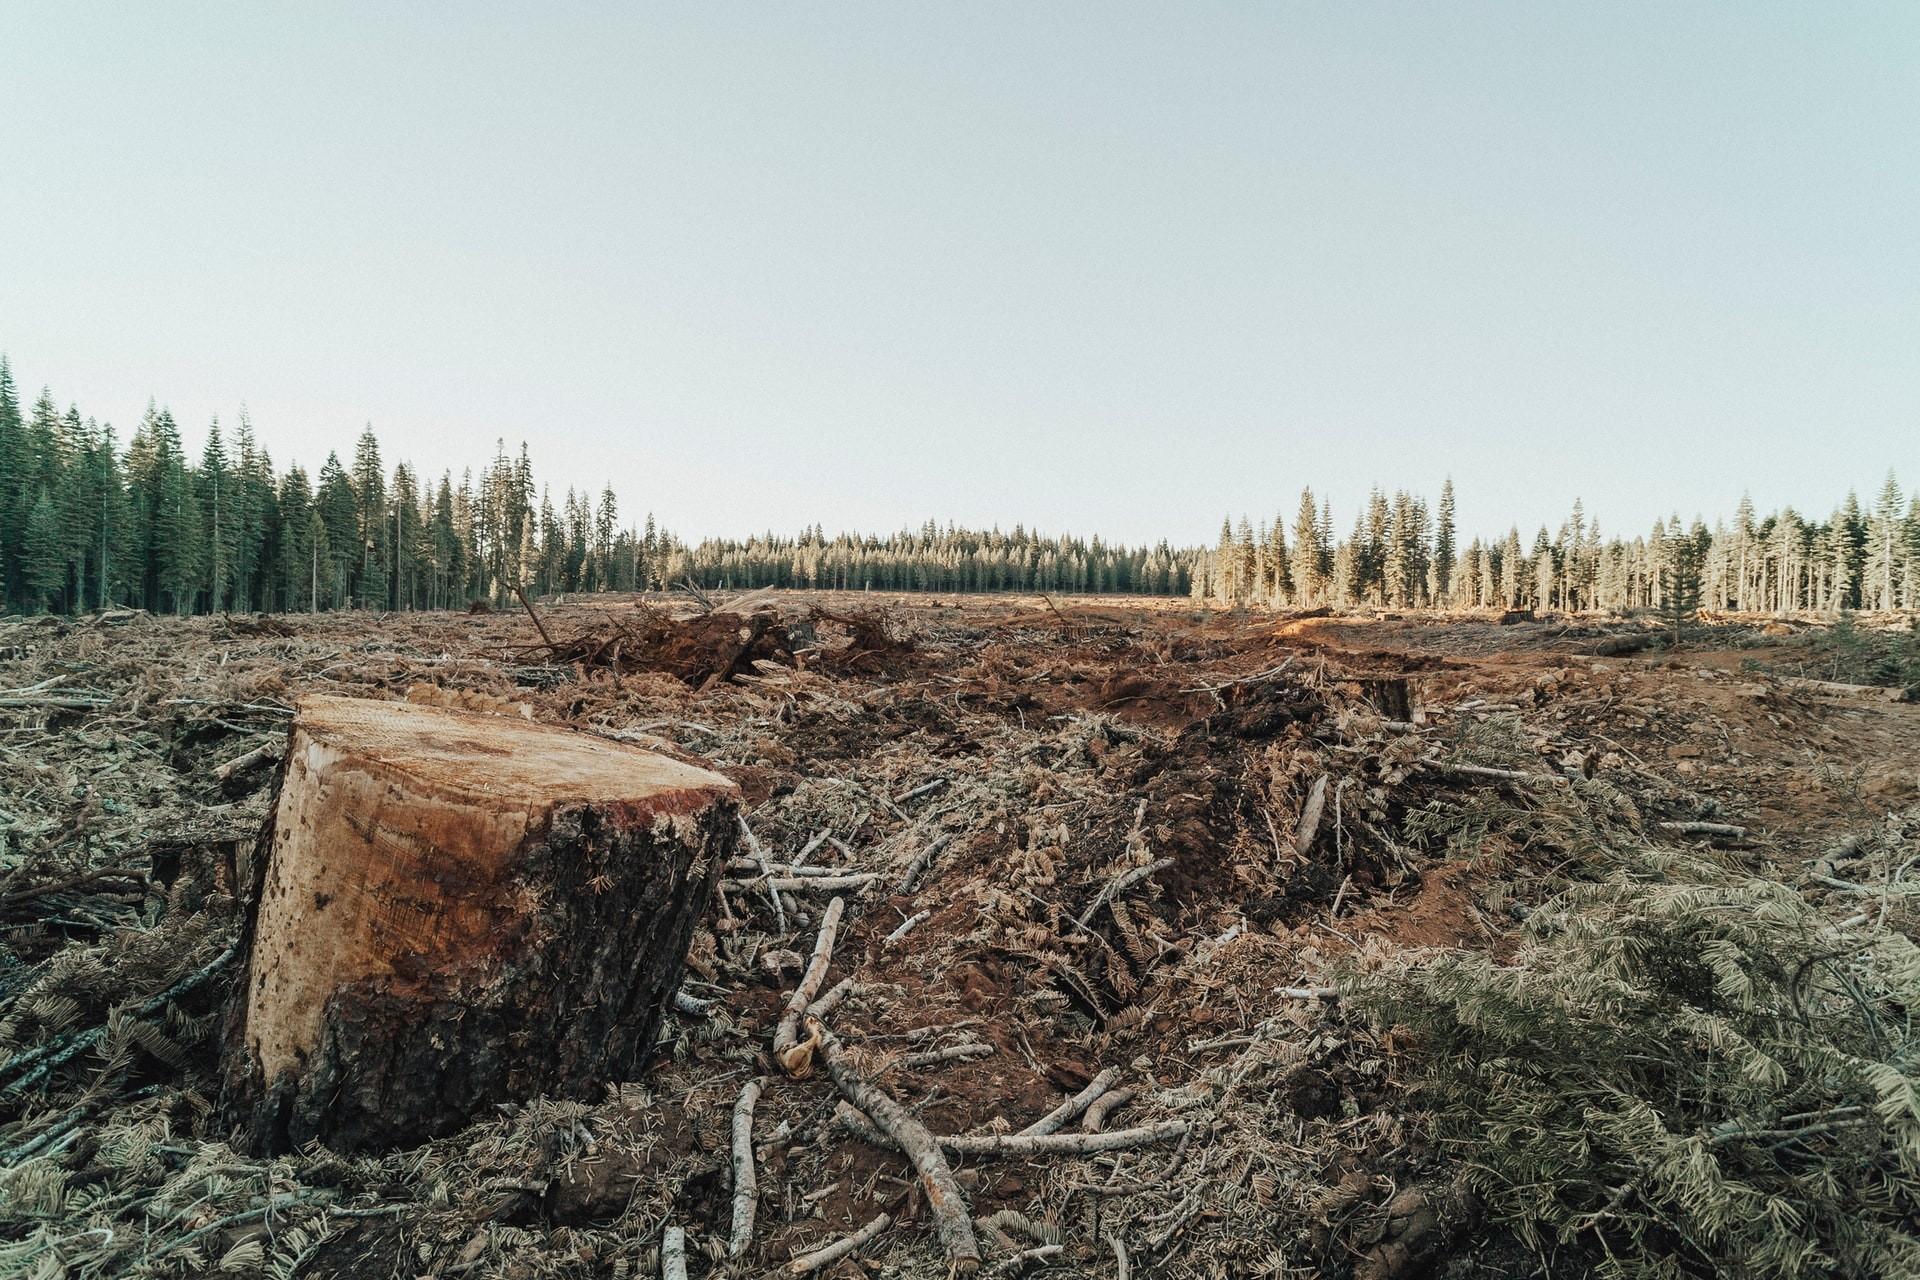 Tree stump after deforestation